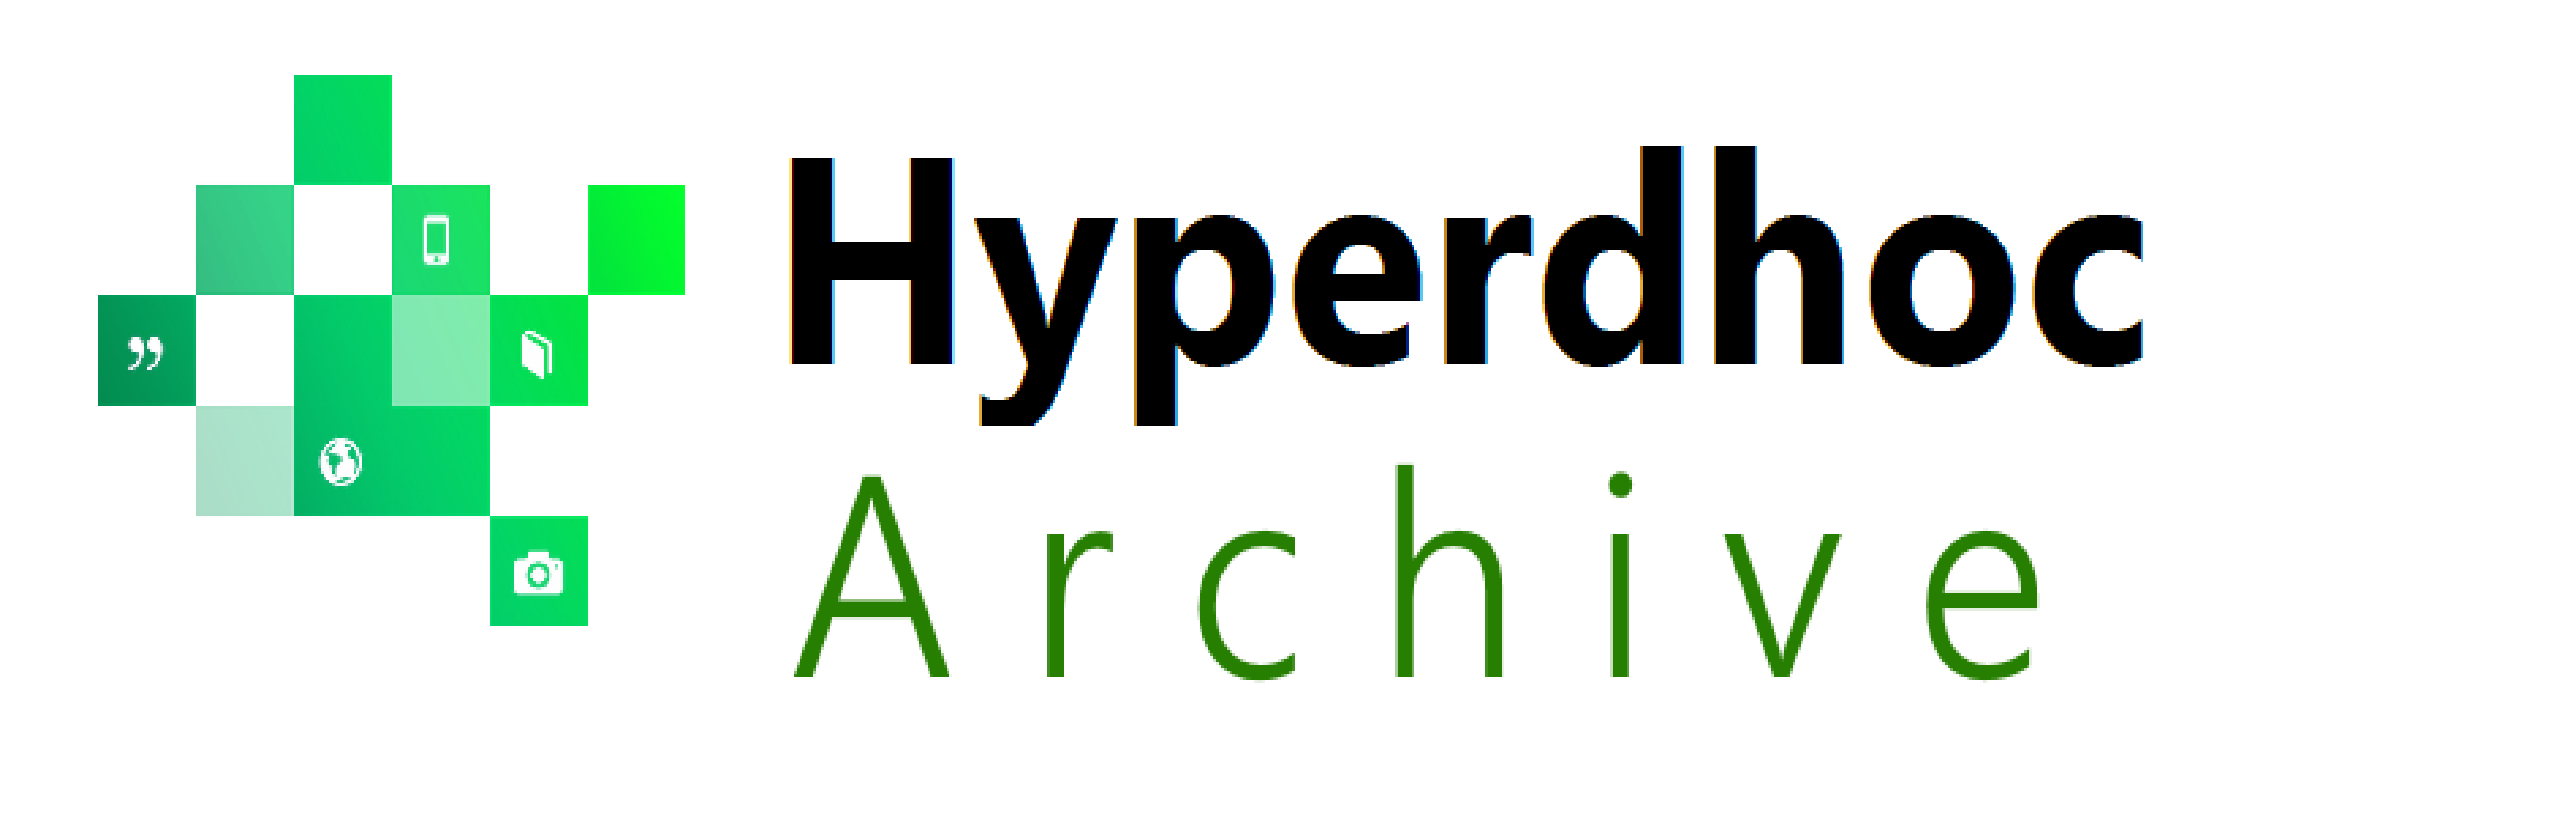 Avis Hyperdhoc Archive : Solution de gestion d'archives pour l'ensemble de vos fonds - appvizer